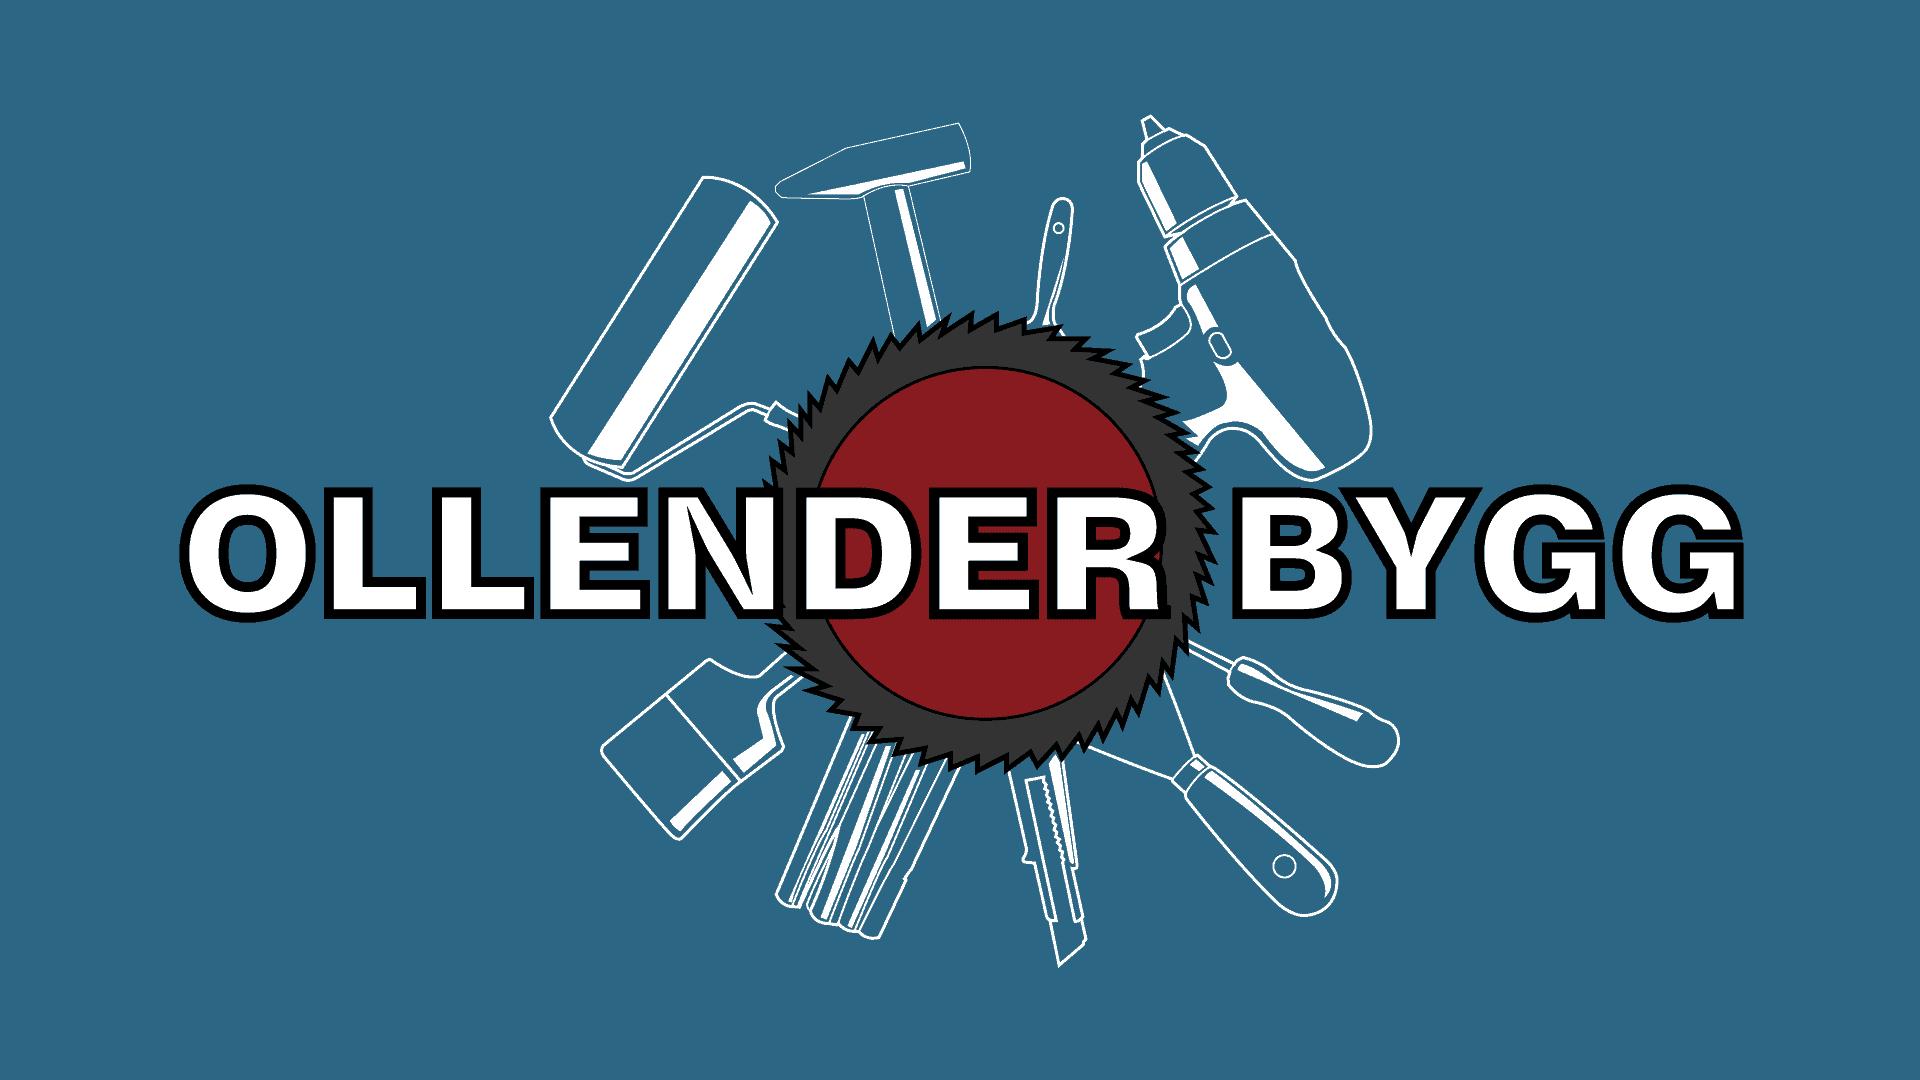 Logotyp för Ollender Bygg